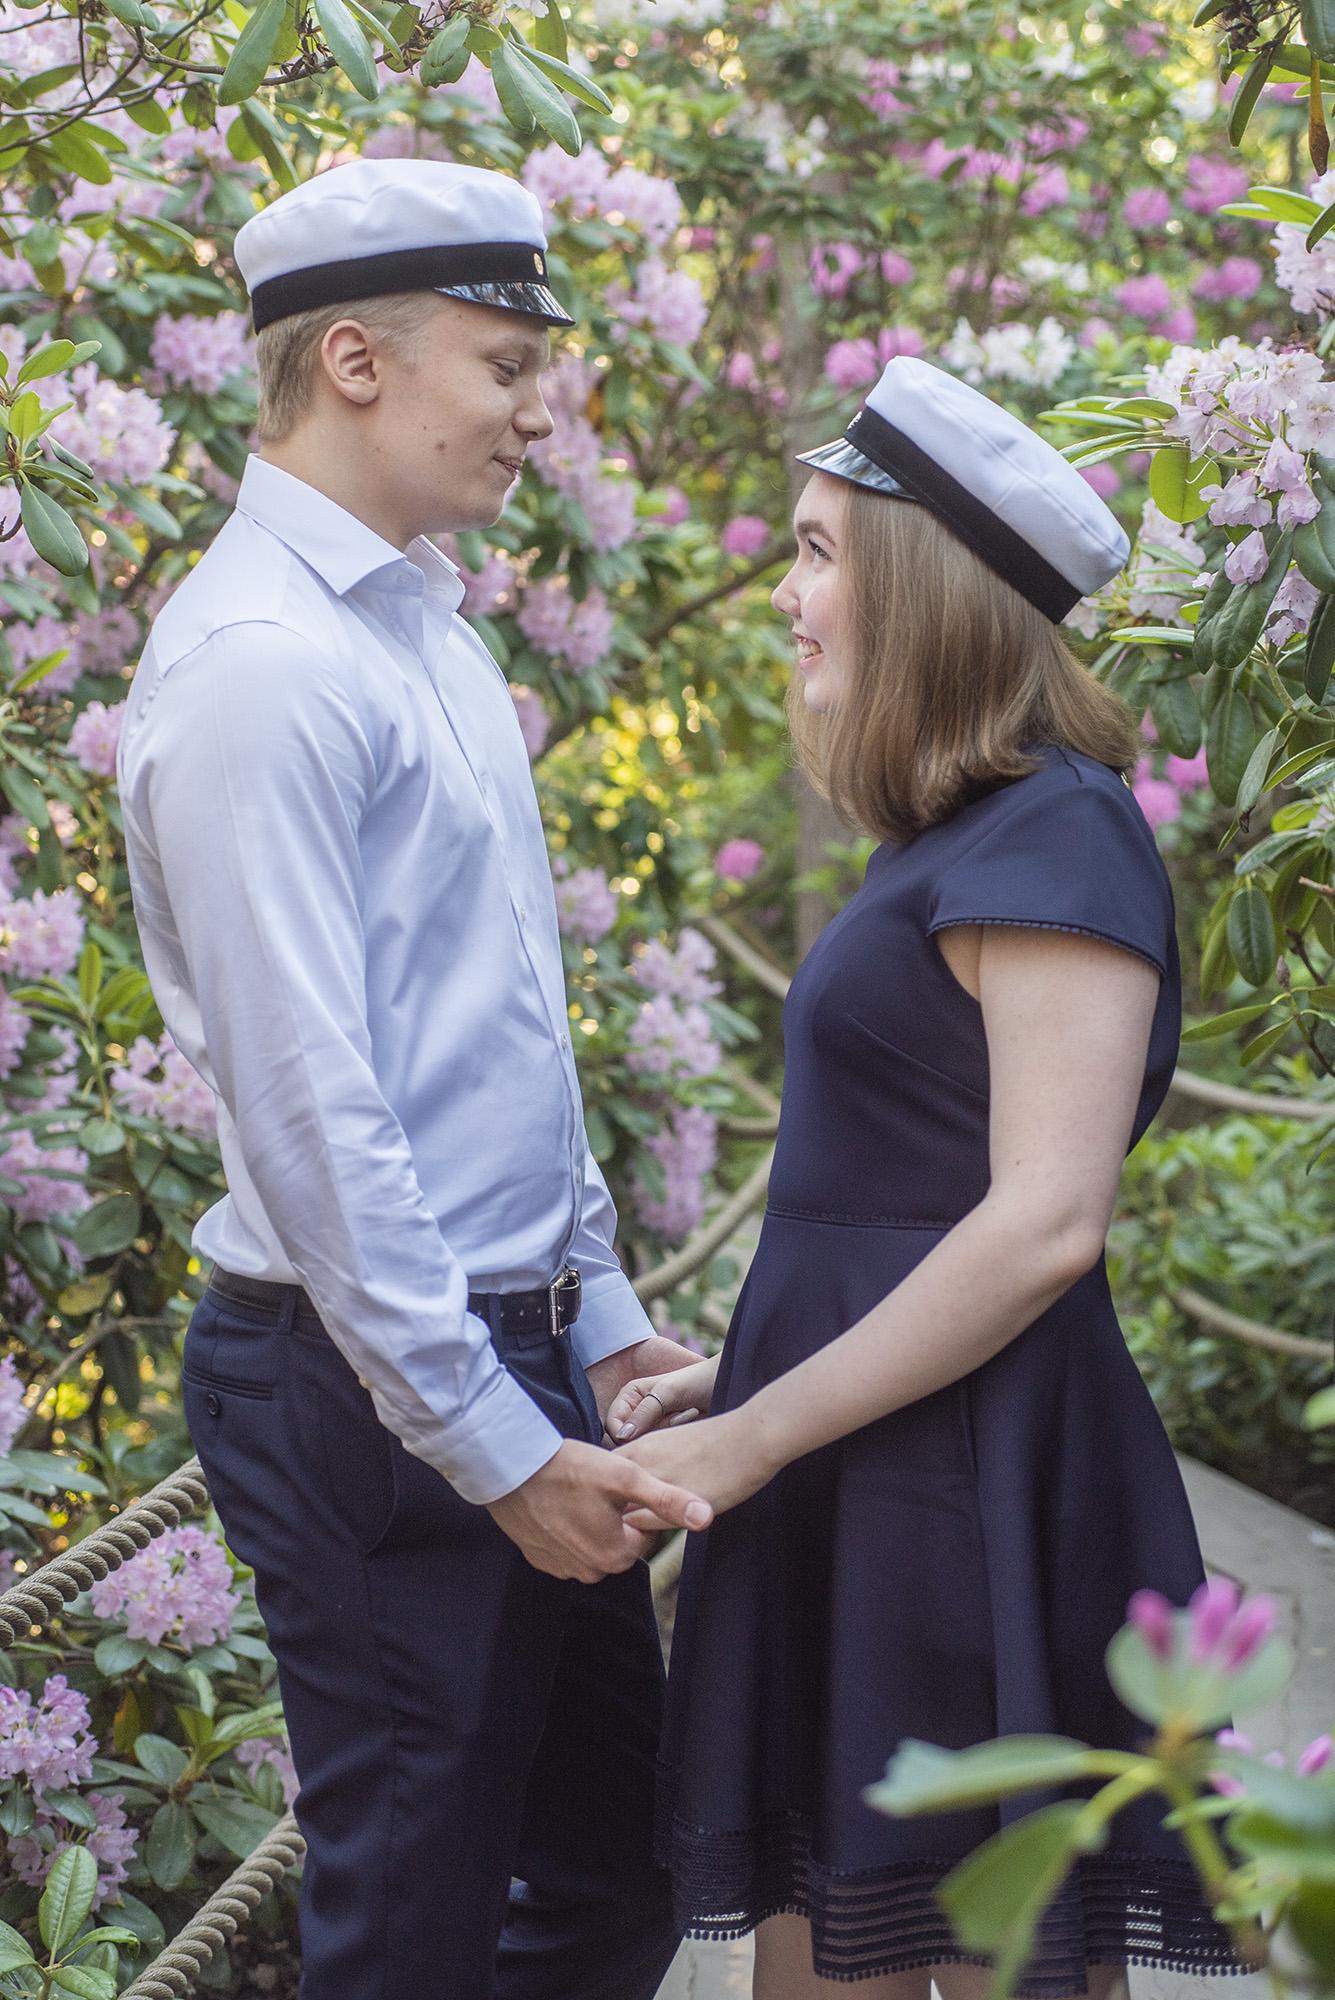 valokuvaus henkilökuvaus potretti ylioppilaskuvaus pariskuntakuvaus